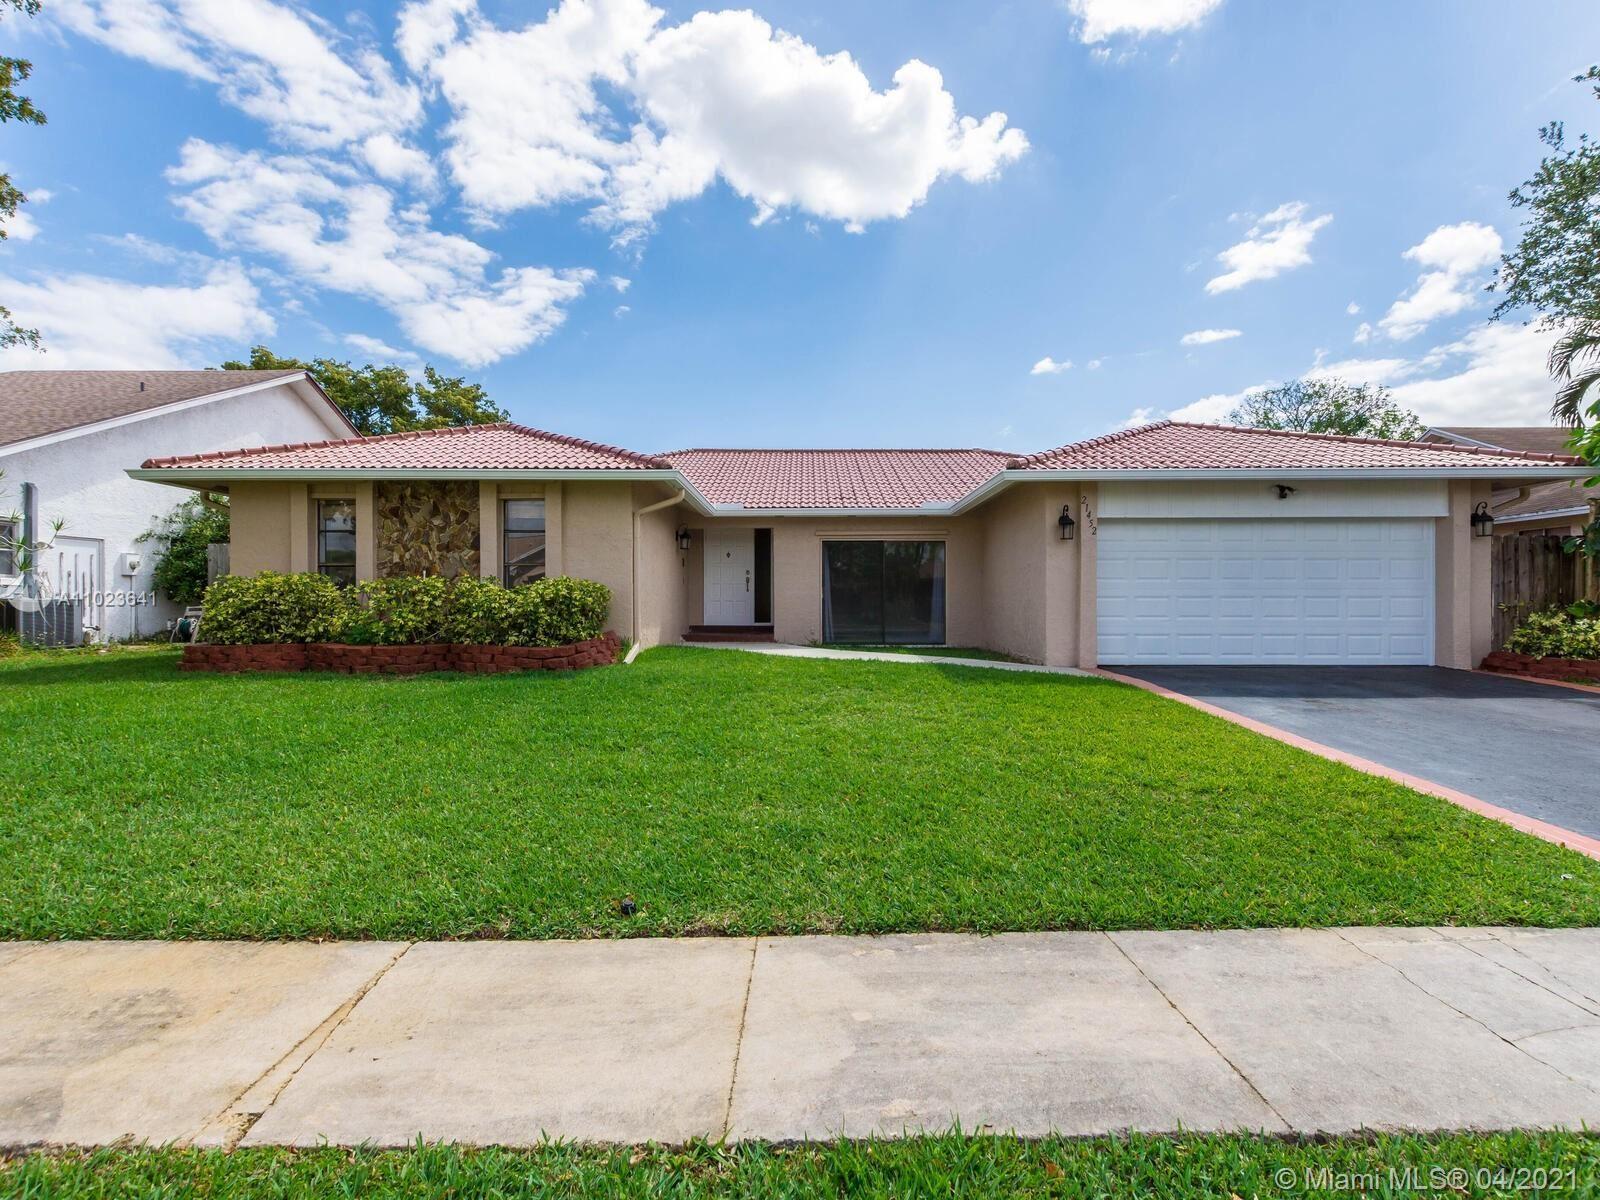 21452 Woodchuck Ln, Boca Raton, FL 33428 - #: A11023641